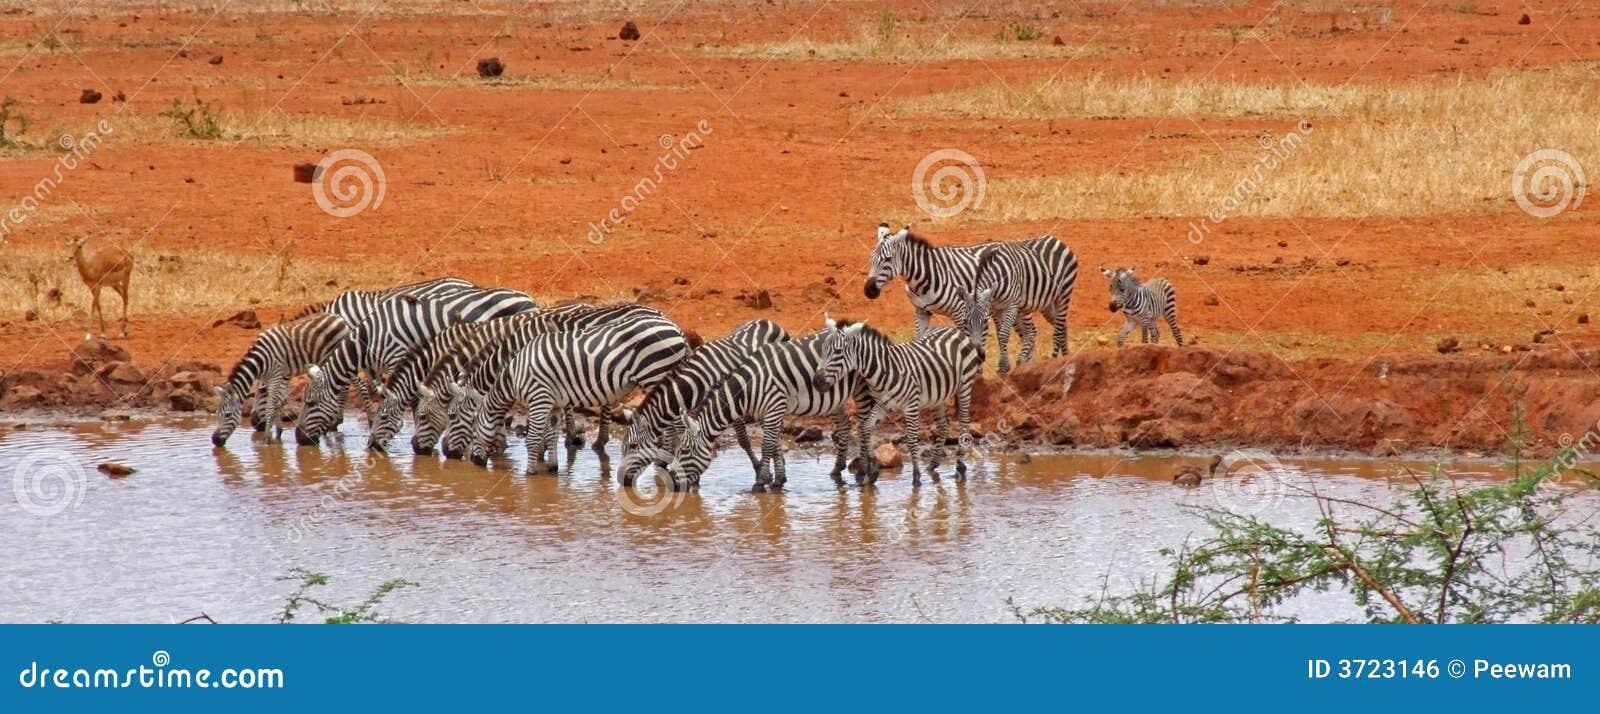 Zebras am Bewässerungs-Loch